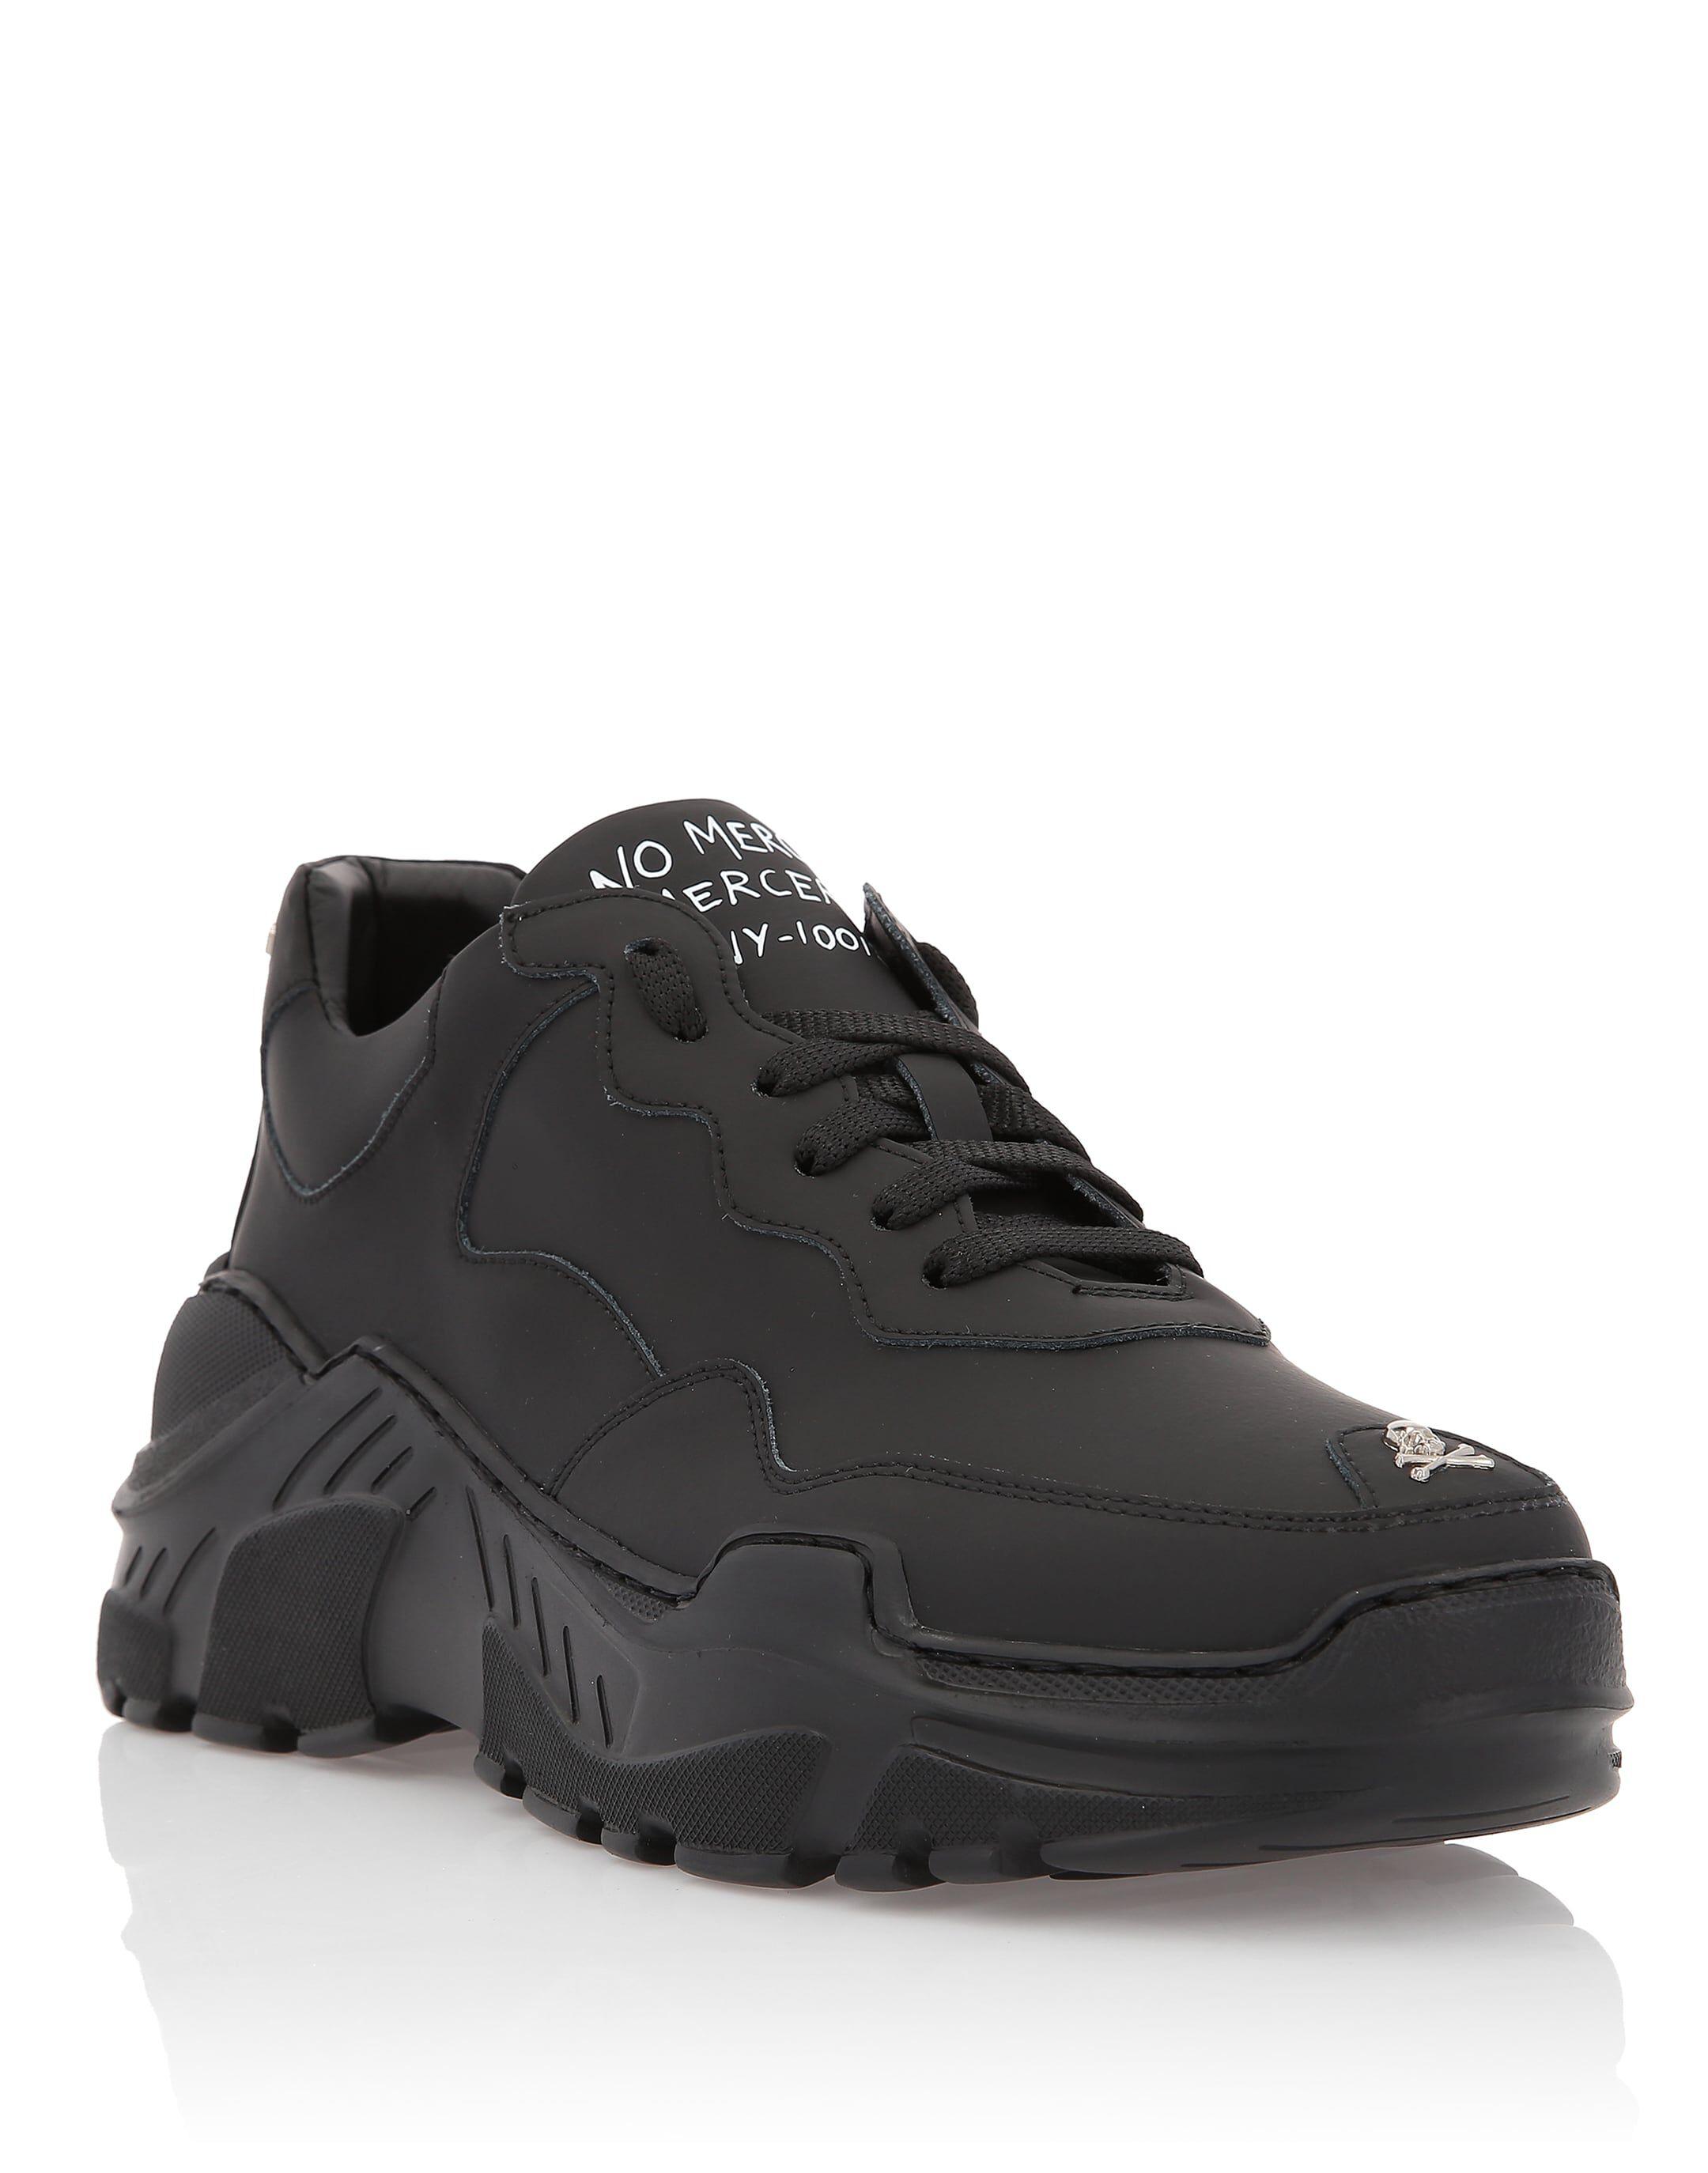 Philipp Chaussures De Sport À Bande Latérale Plein - Noir HWgc0kk8